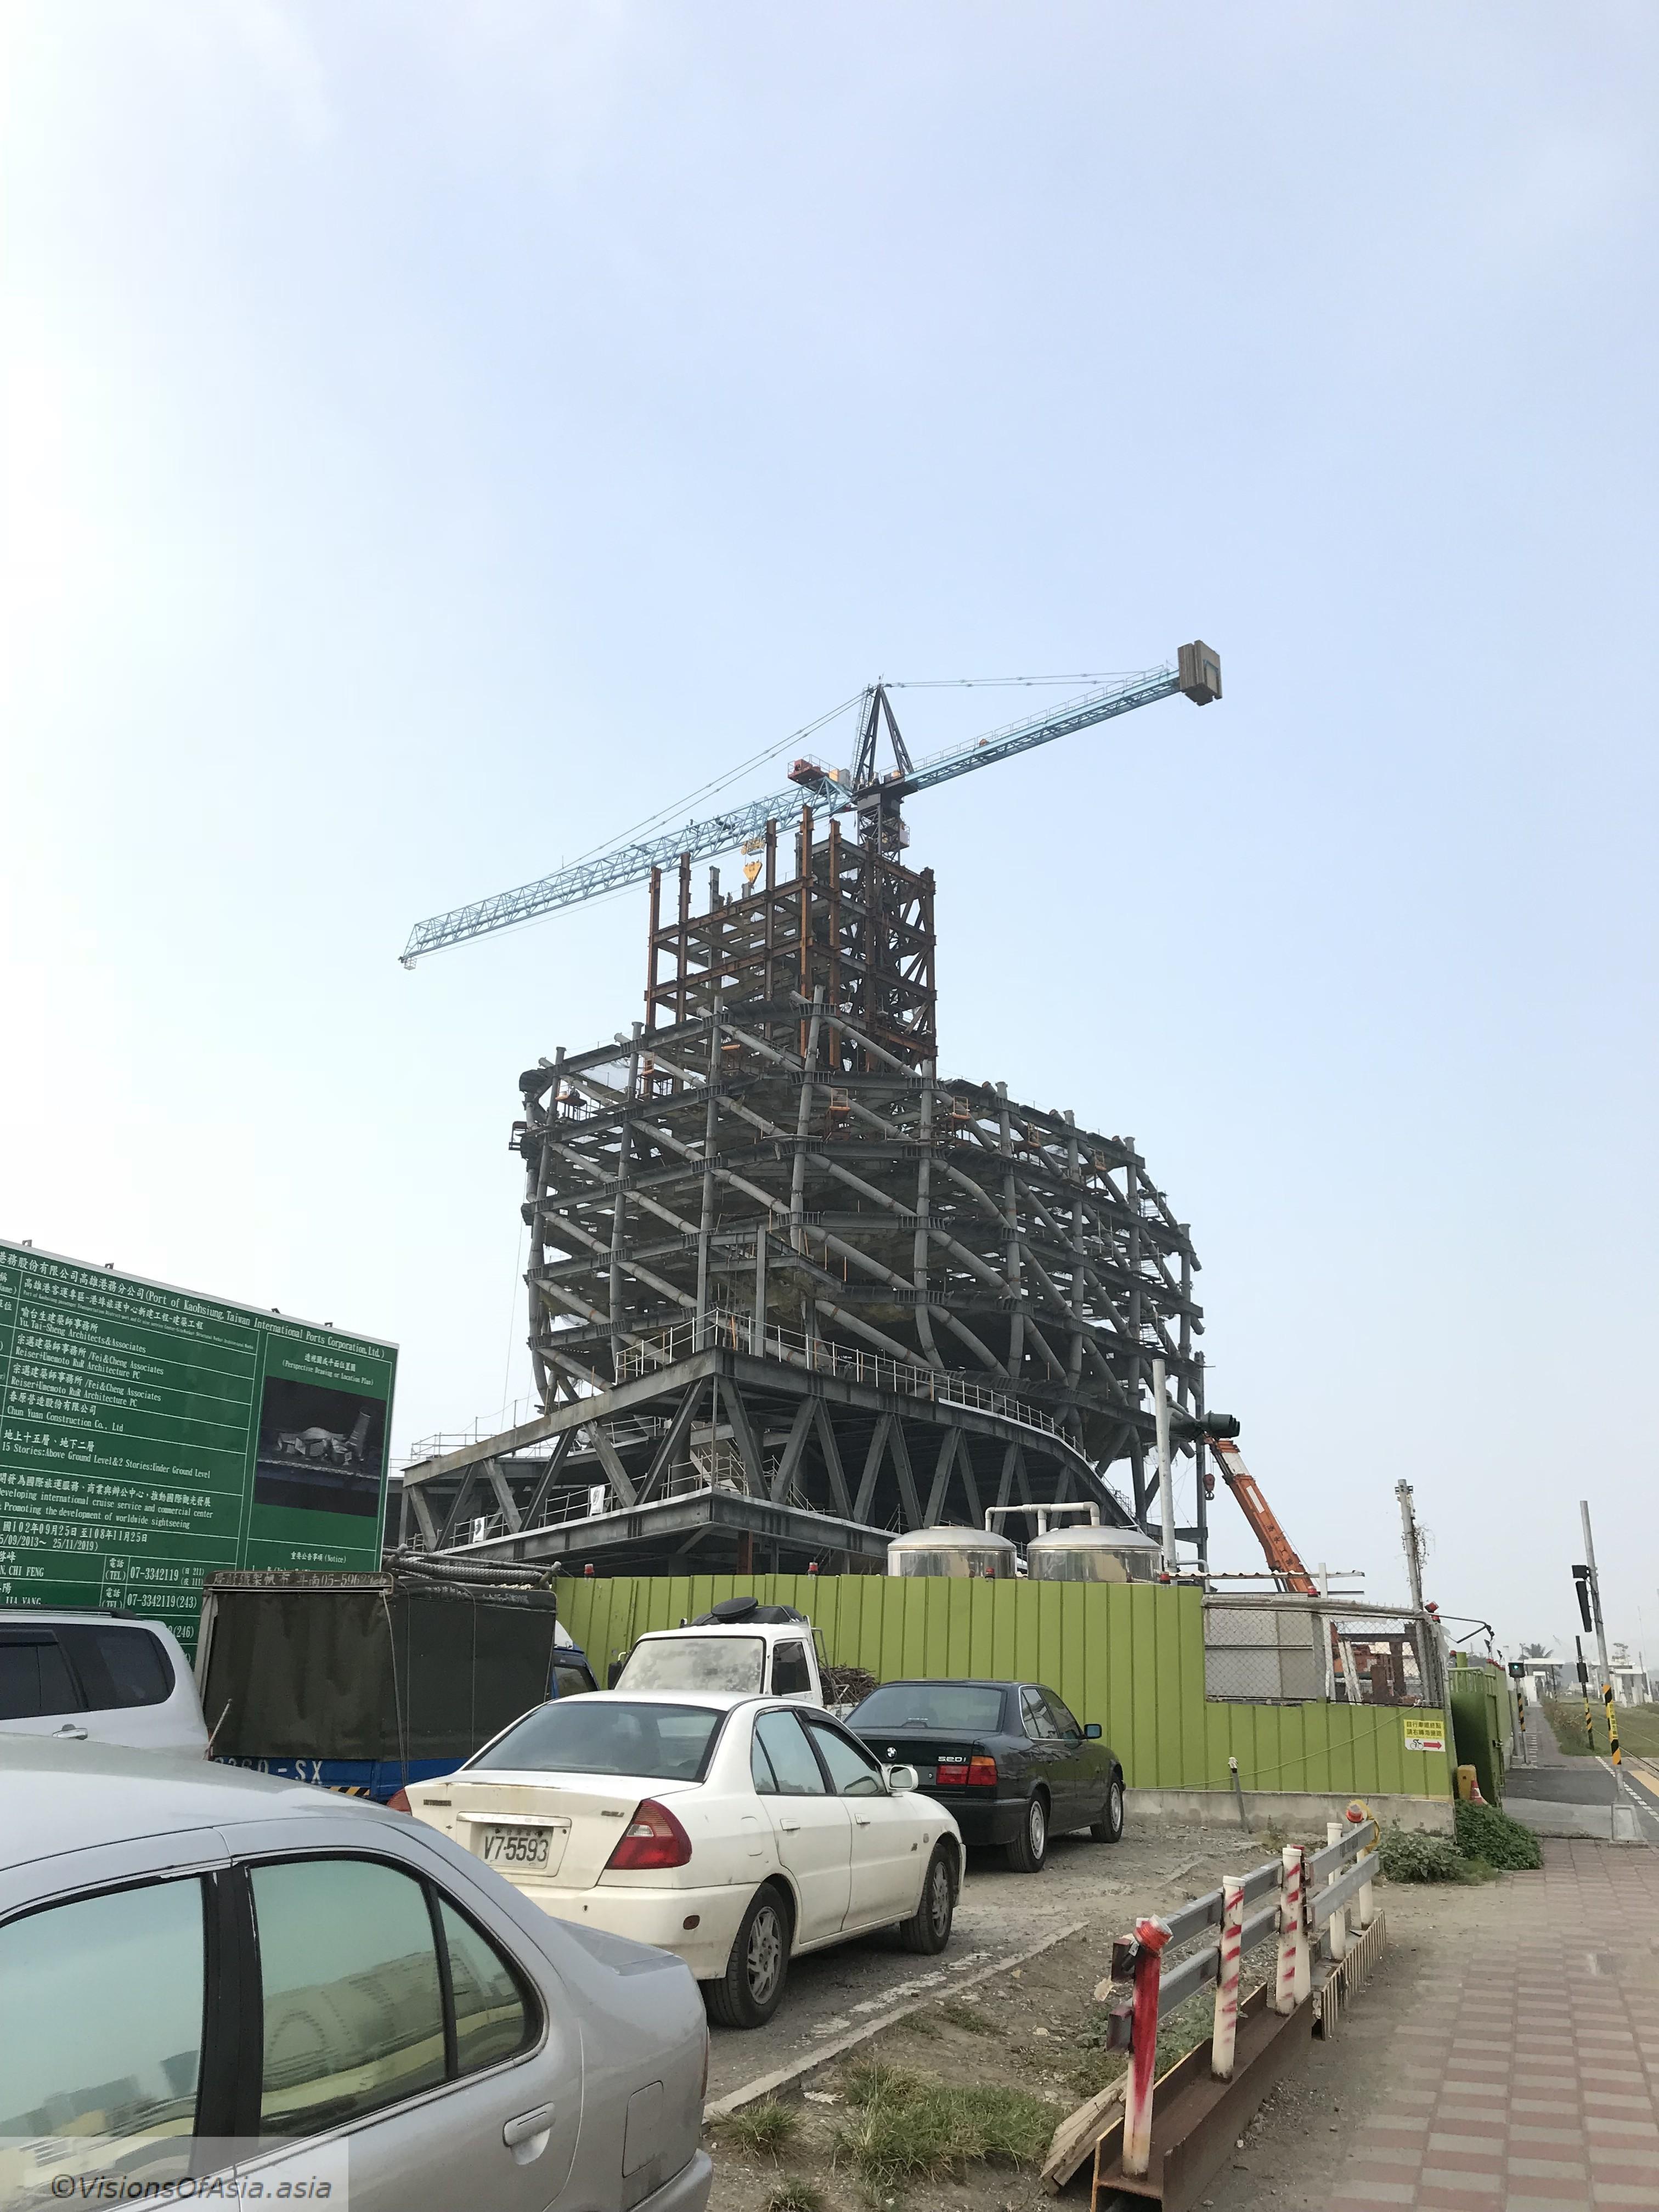 Noah's ark in Kaohsiung.